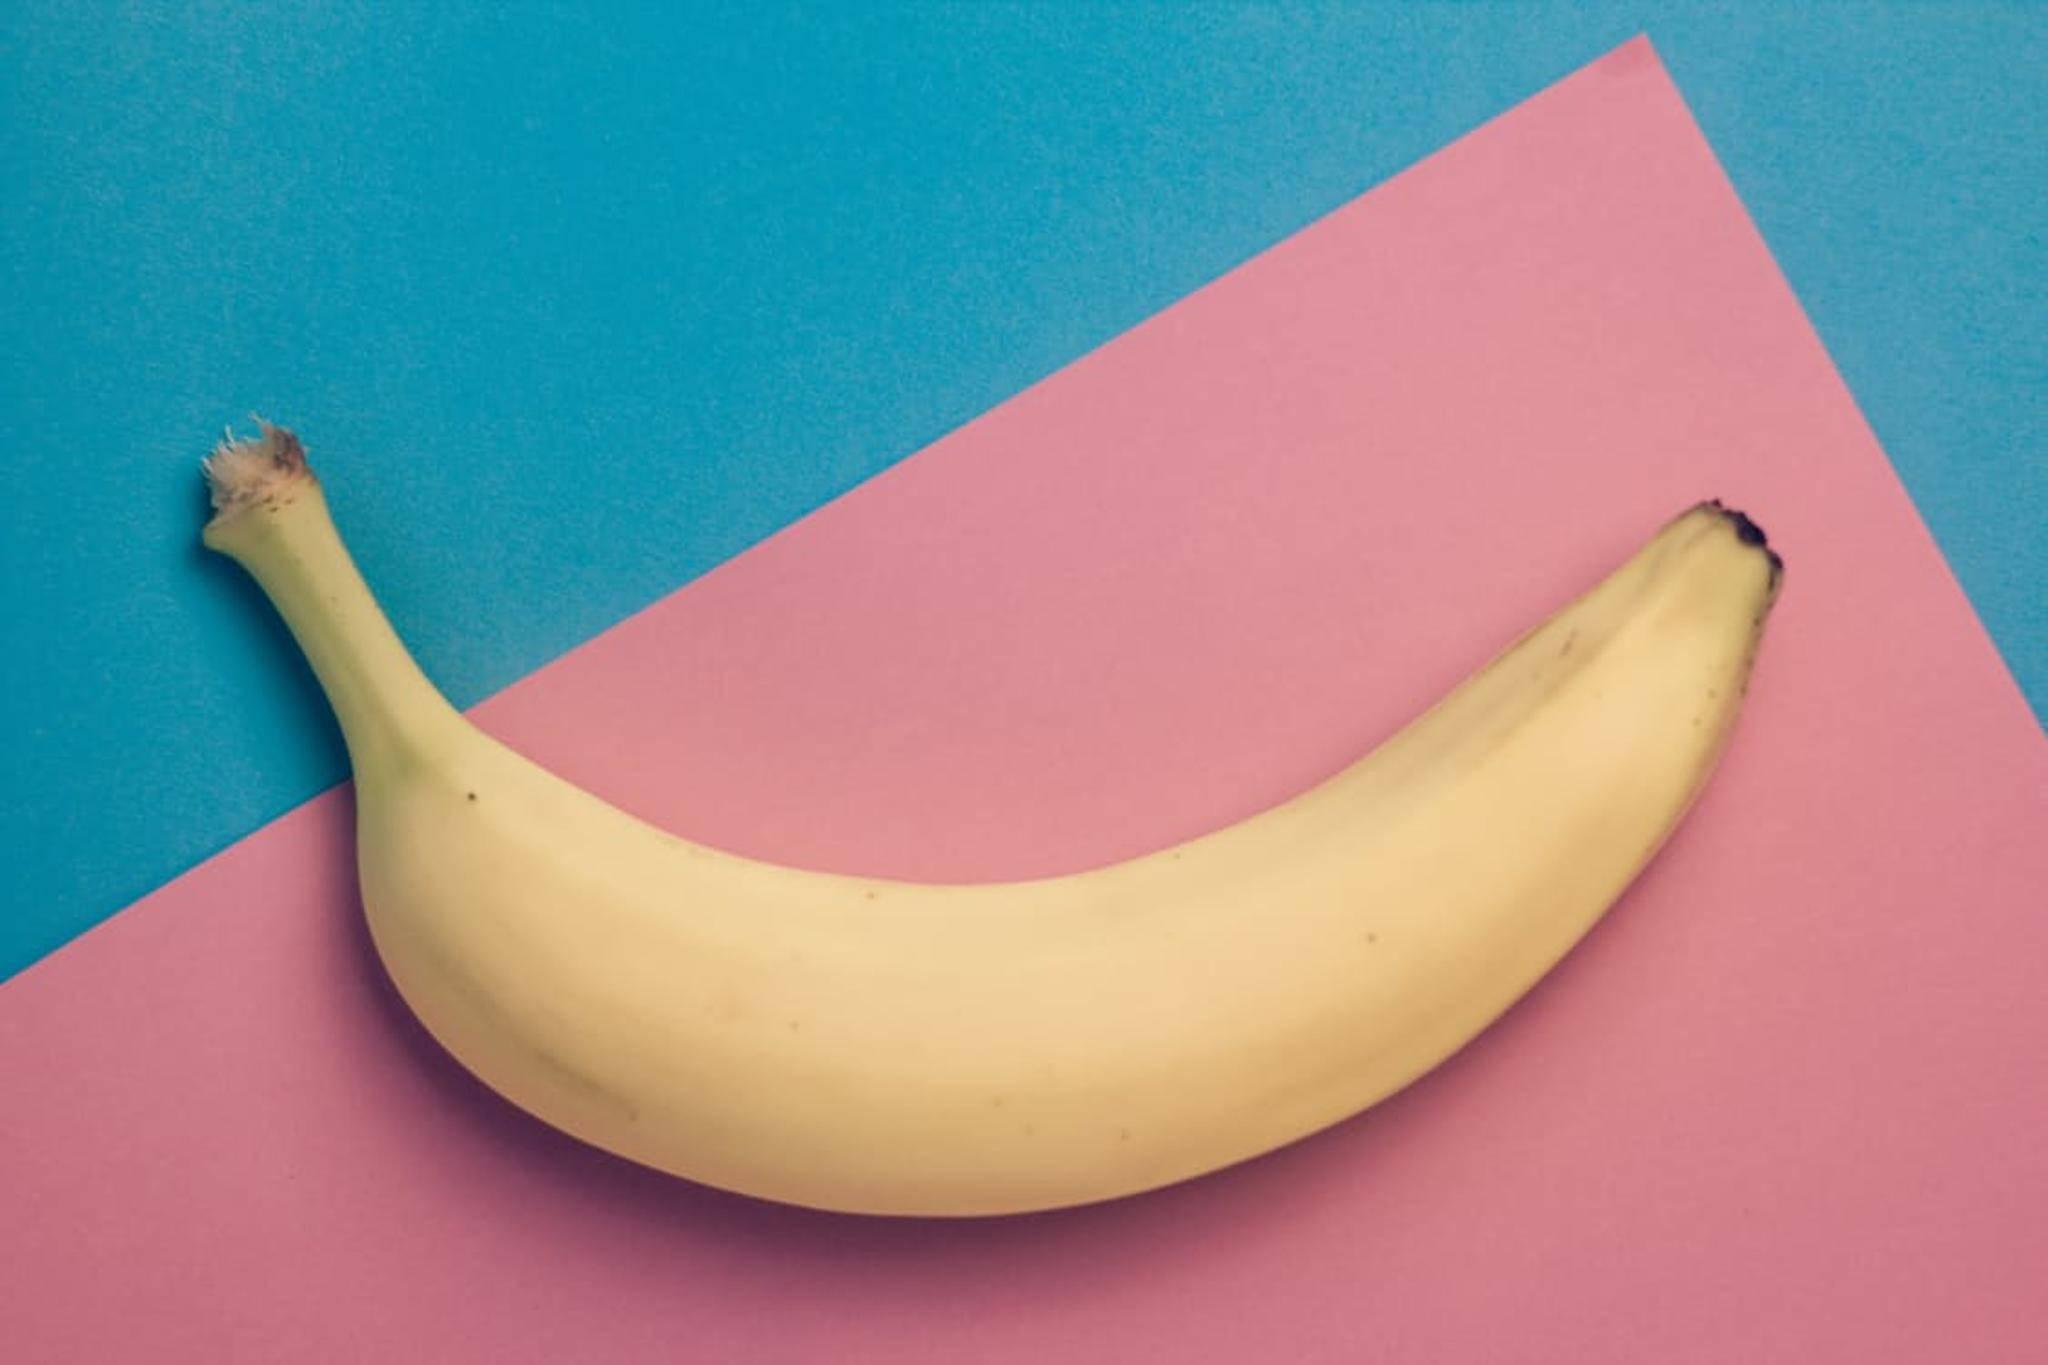 Bananen sind vor dem Schlafen ideal: Sie machen satt und müde zugleich.